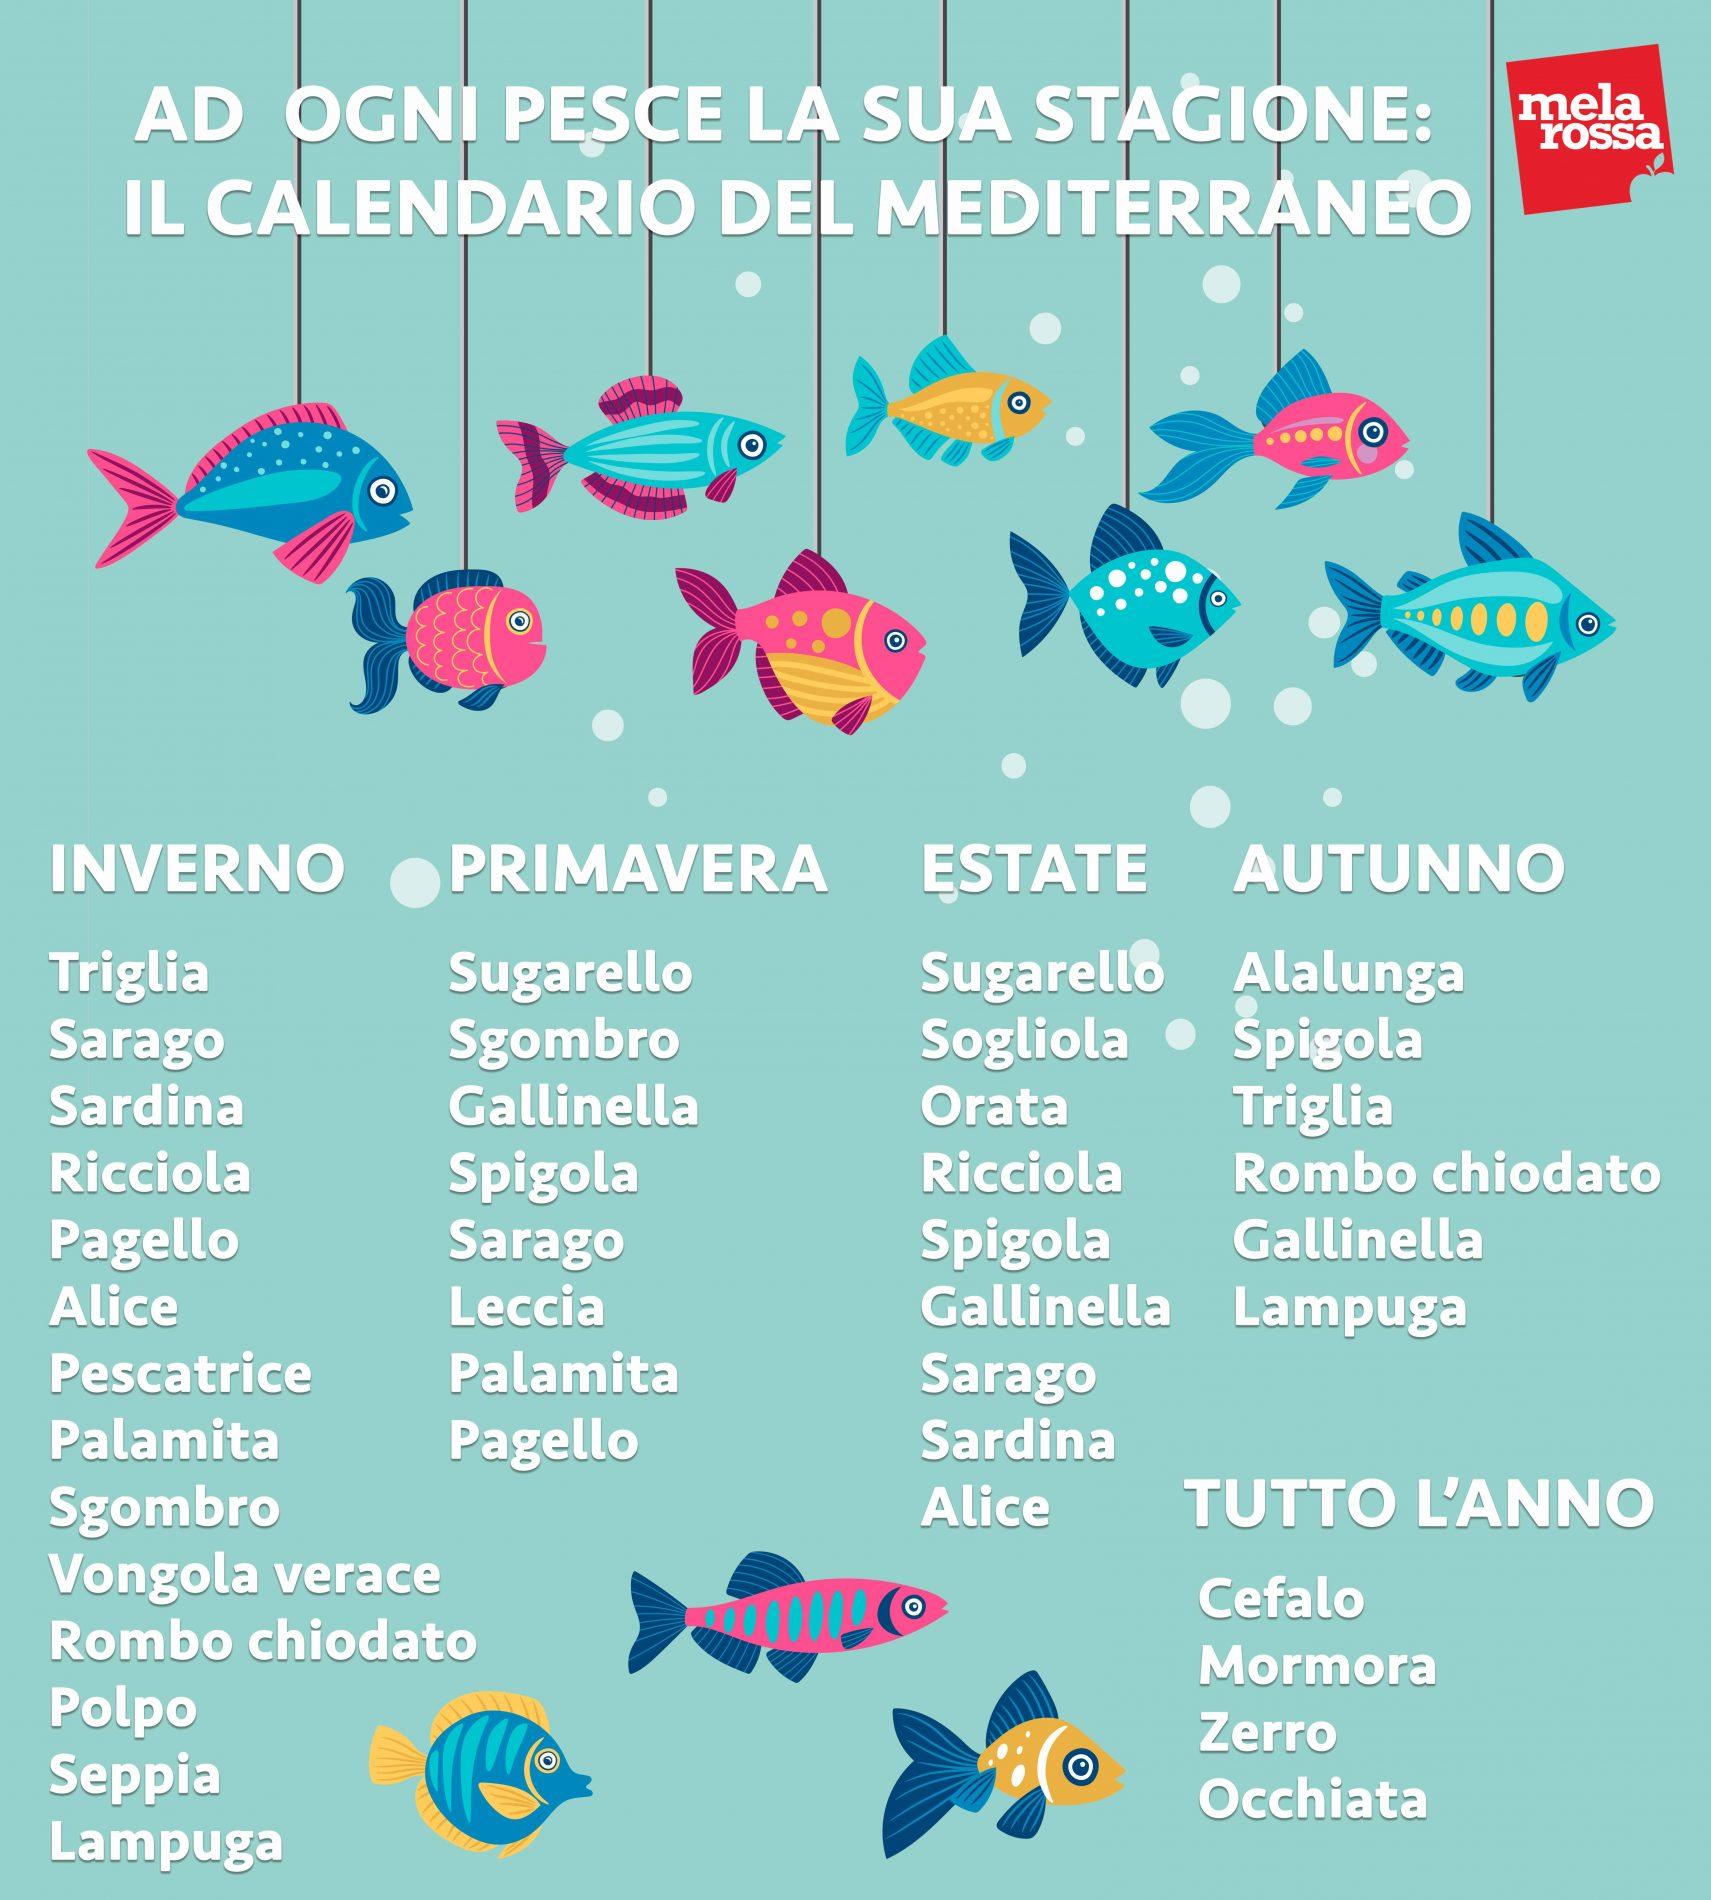 guida acquisto pesce: i pesci da comprare